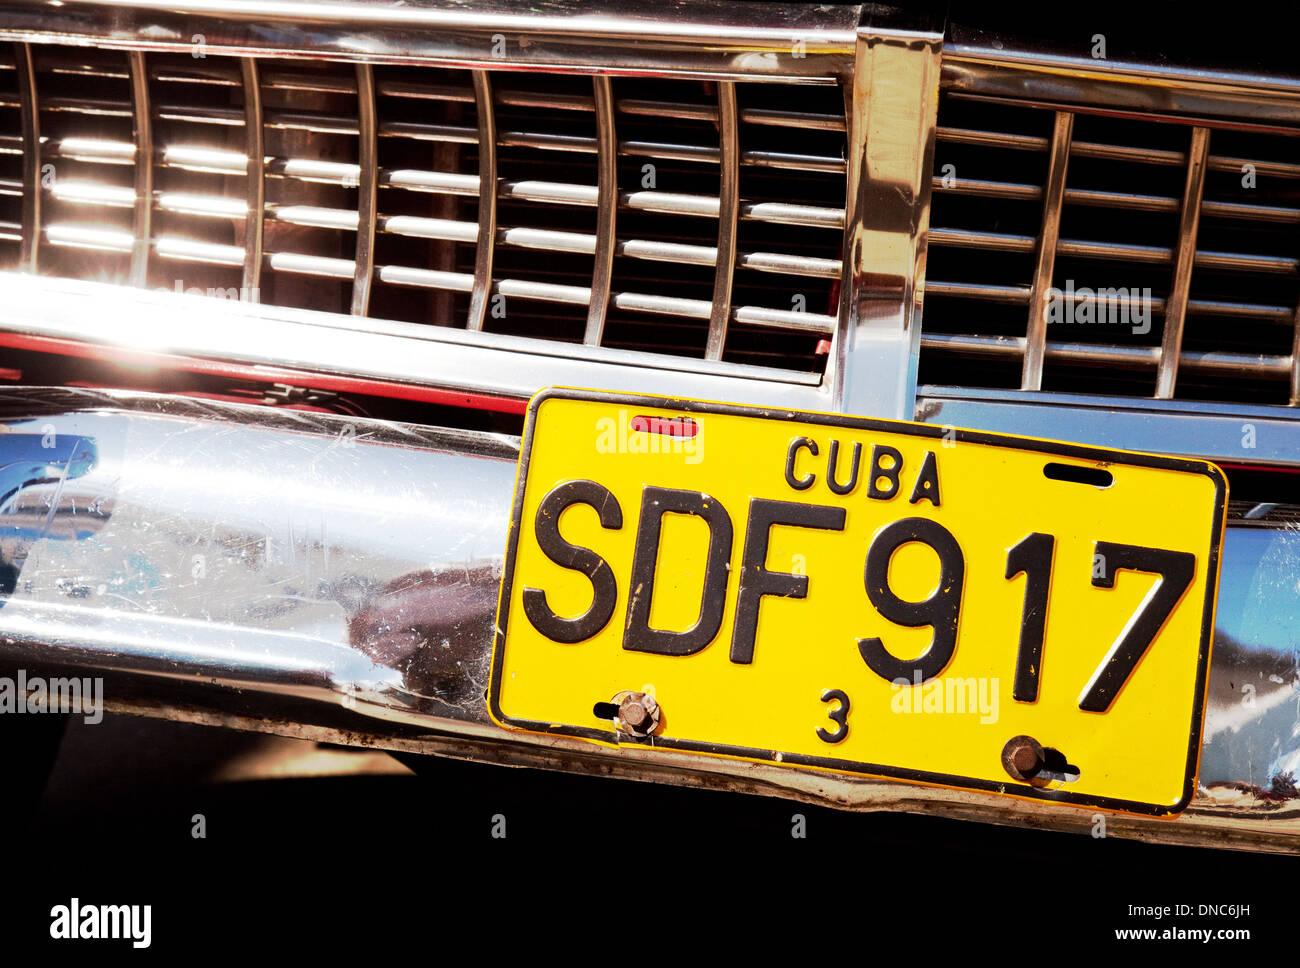 car number plate stockfotos car number plate bilder alamy. Black Bedroom Furniture Sets. Home Design Ideas